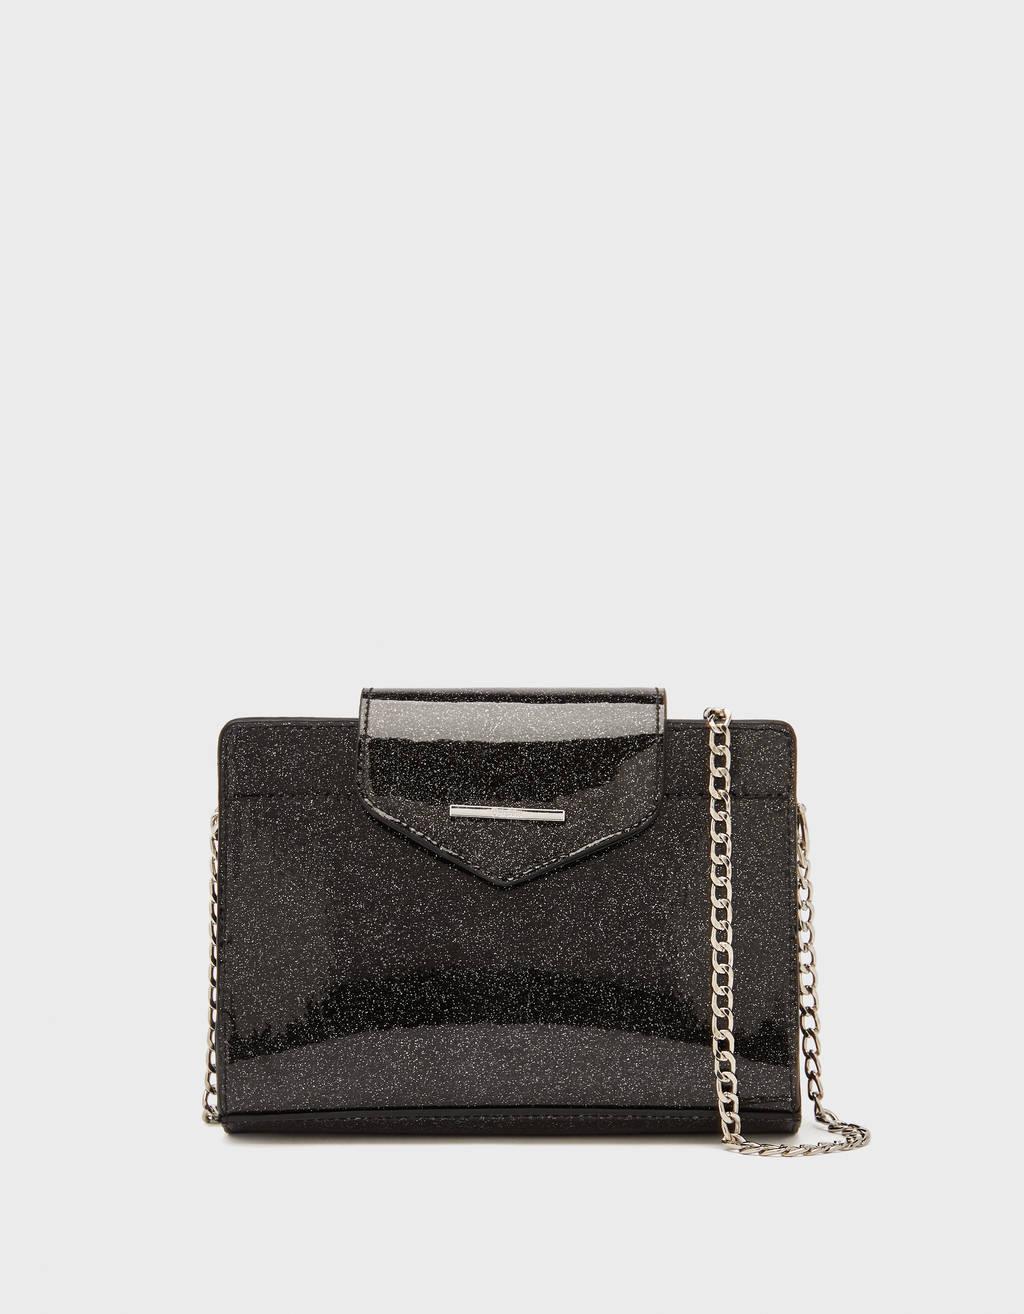 Handbag with shimmer